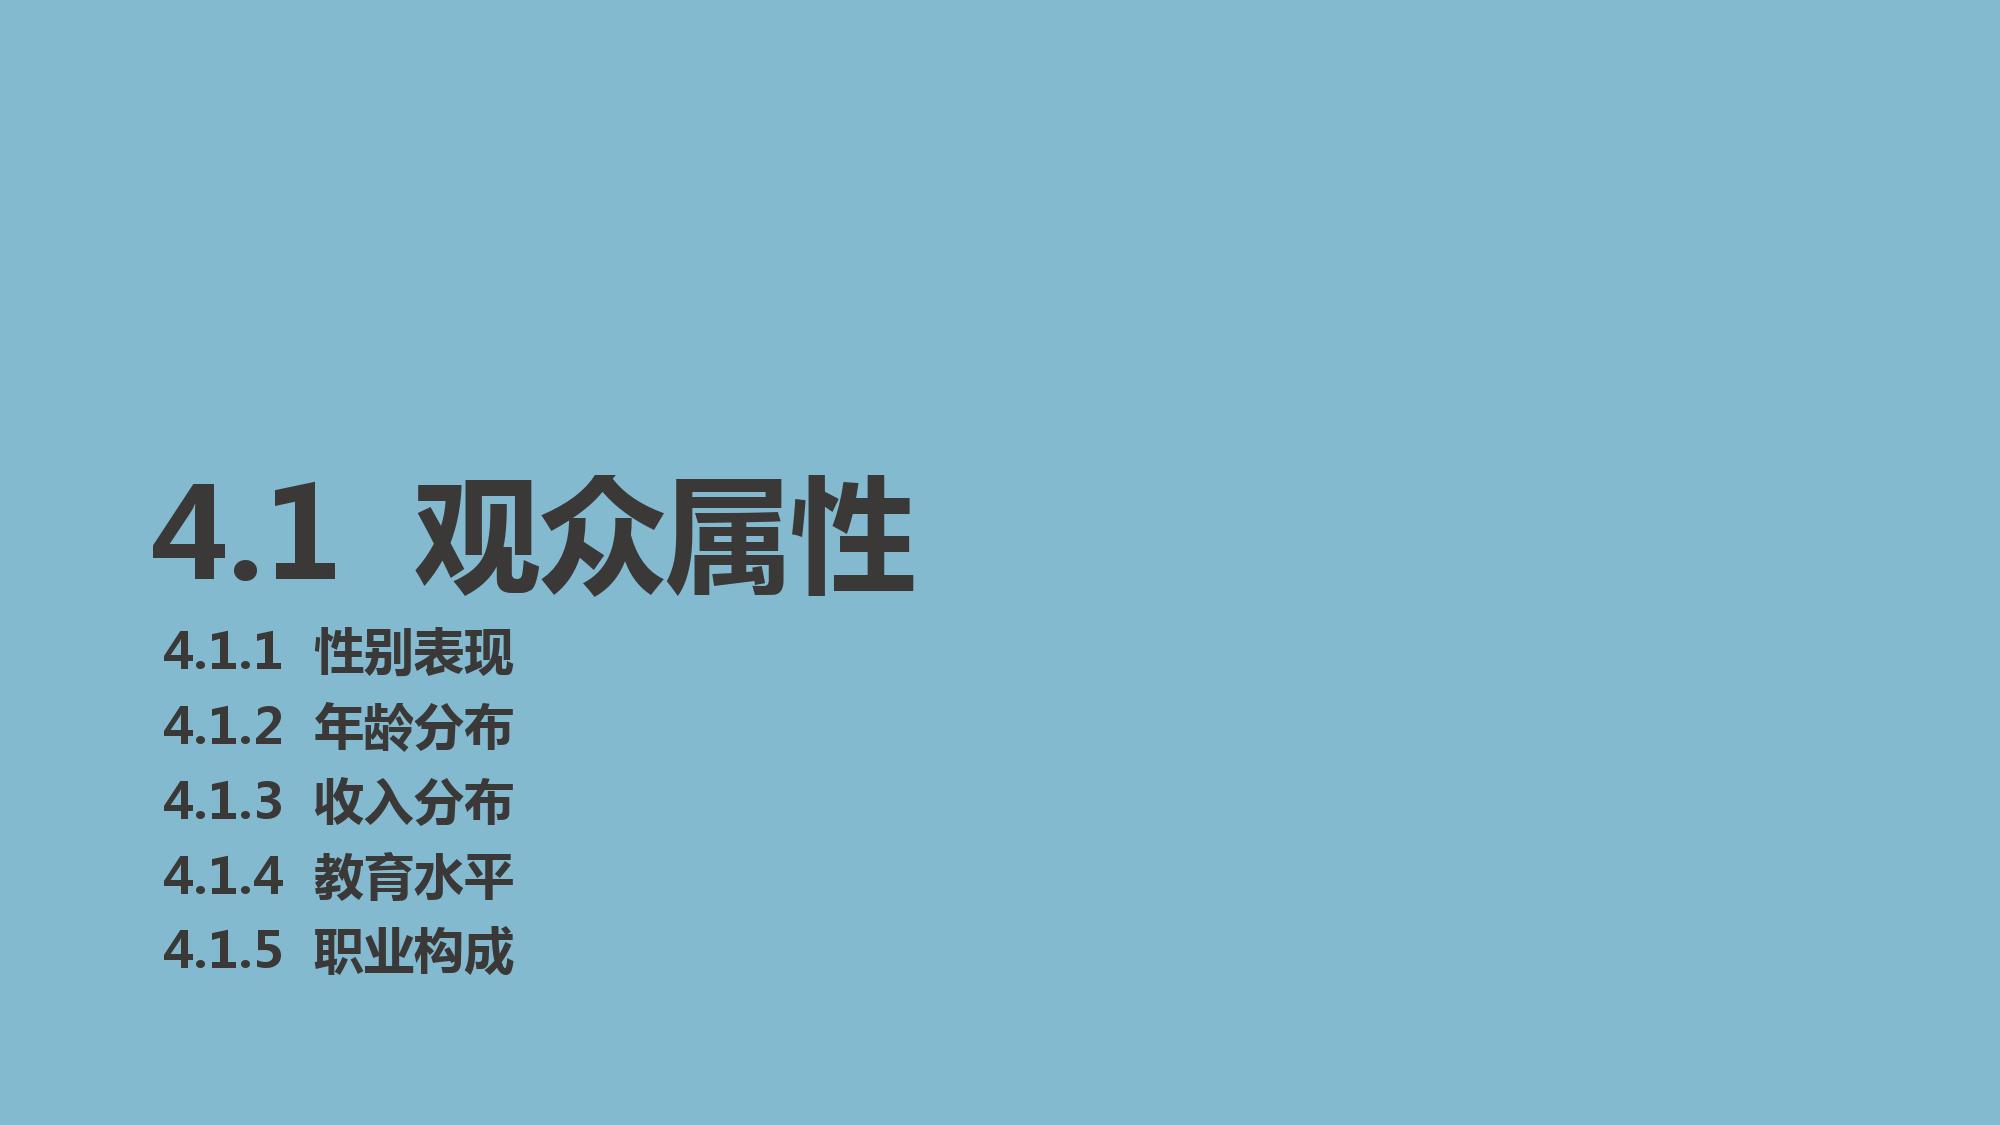 2015年度中国电影产业报告_000046